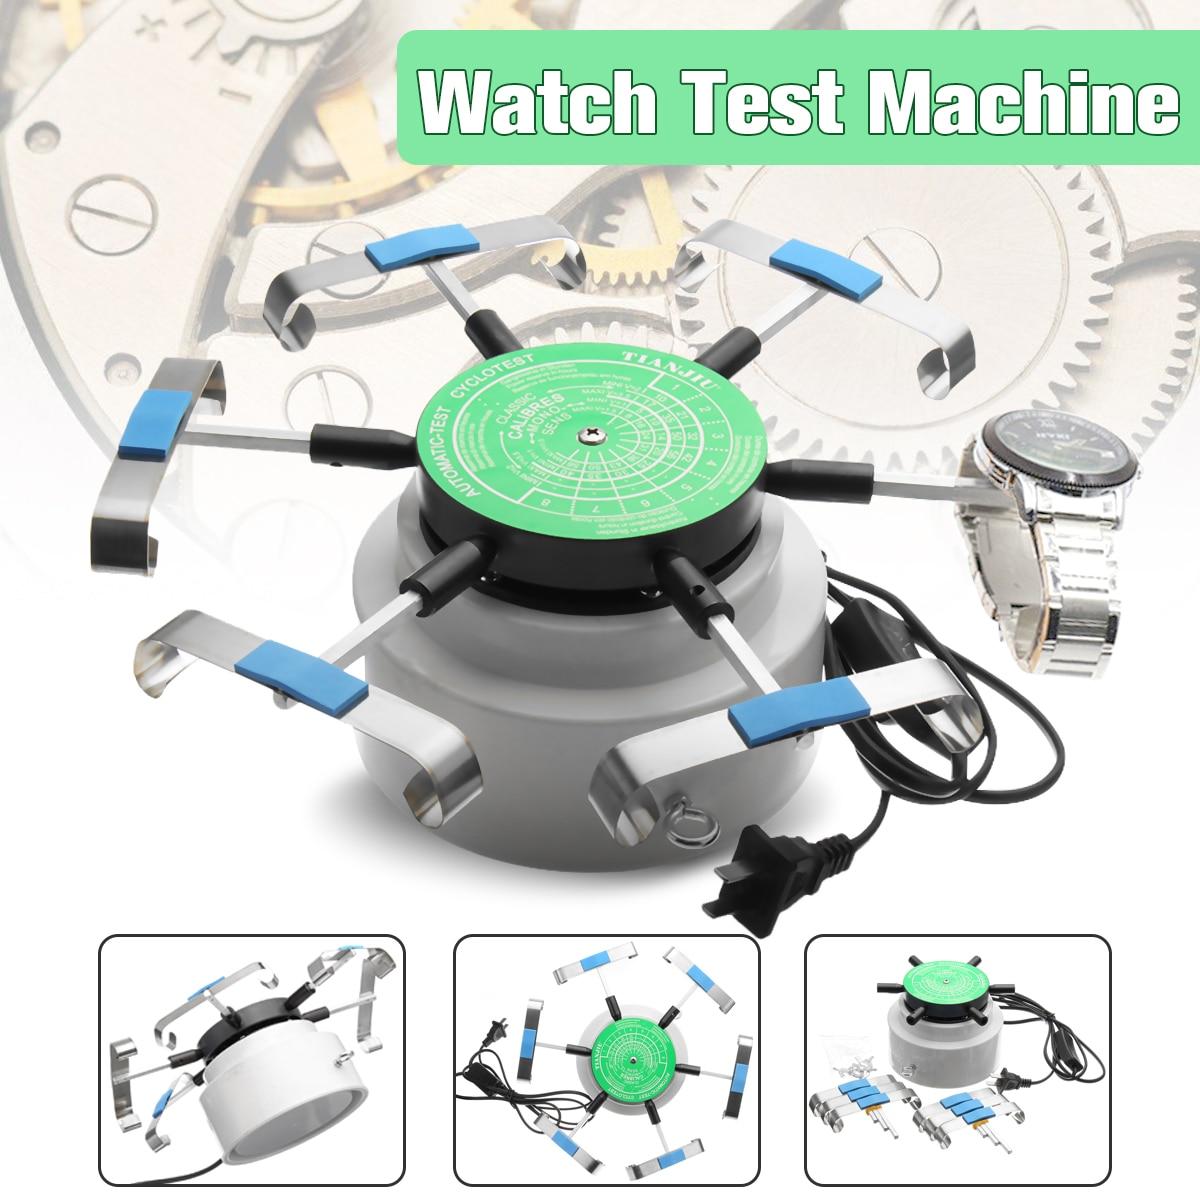 Automic Cymii Padrão DOS EUA 110 v-220 v Profissional-Teste Cyclotest Relógios Relógio Testador Máquina de Teste de Seis Relógios posição